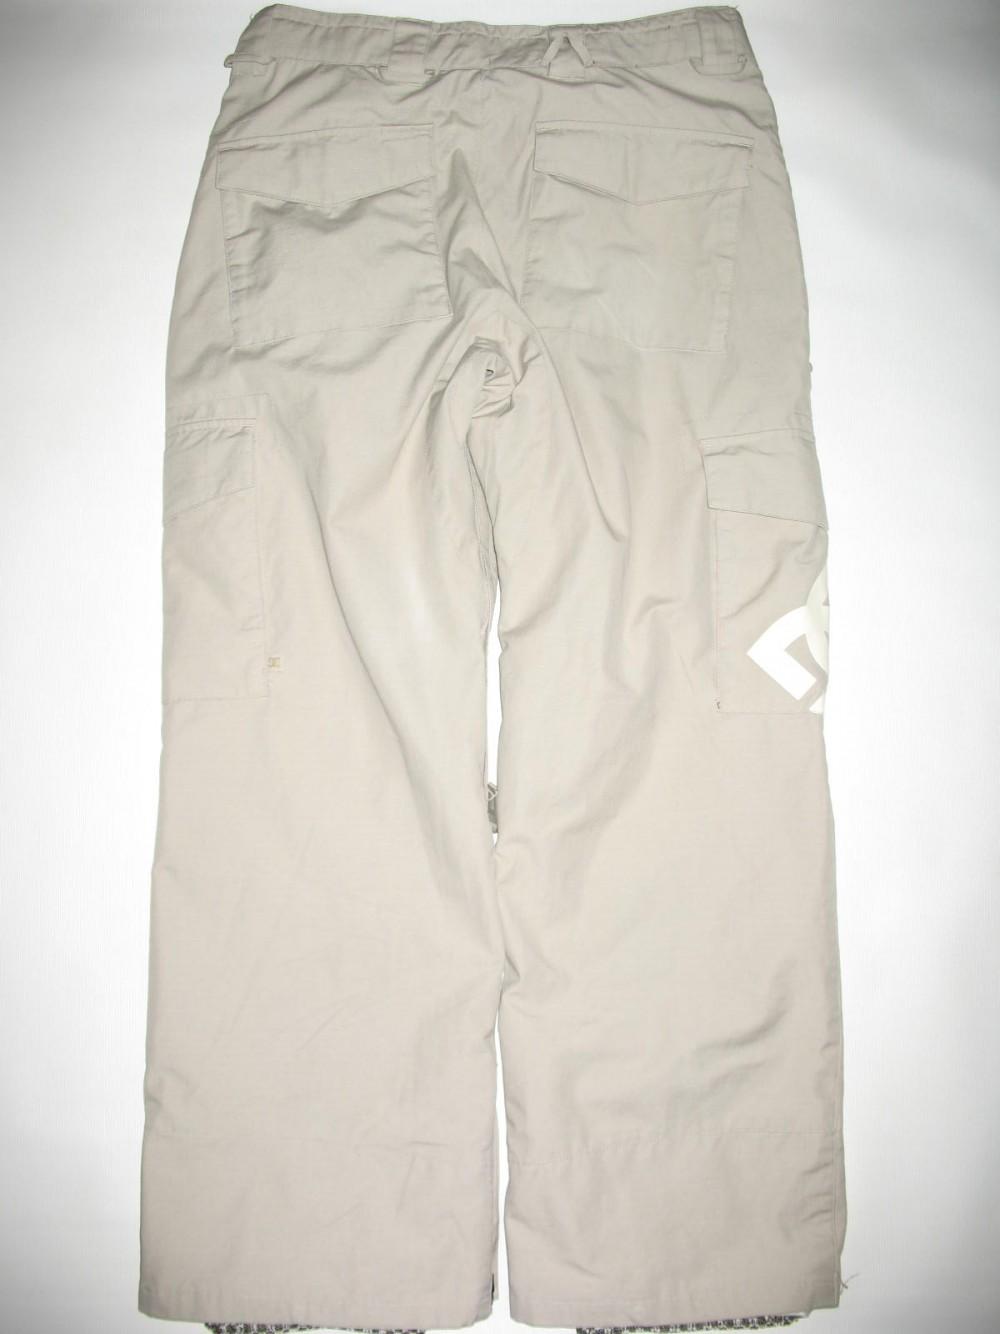 Штаны DC banshee-r snowboard pants (размер L) - 5